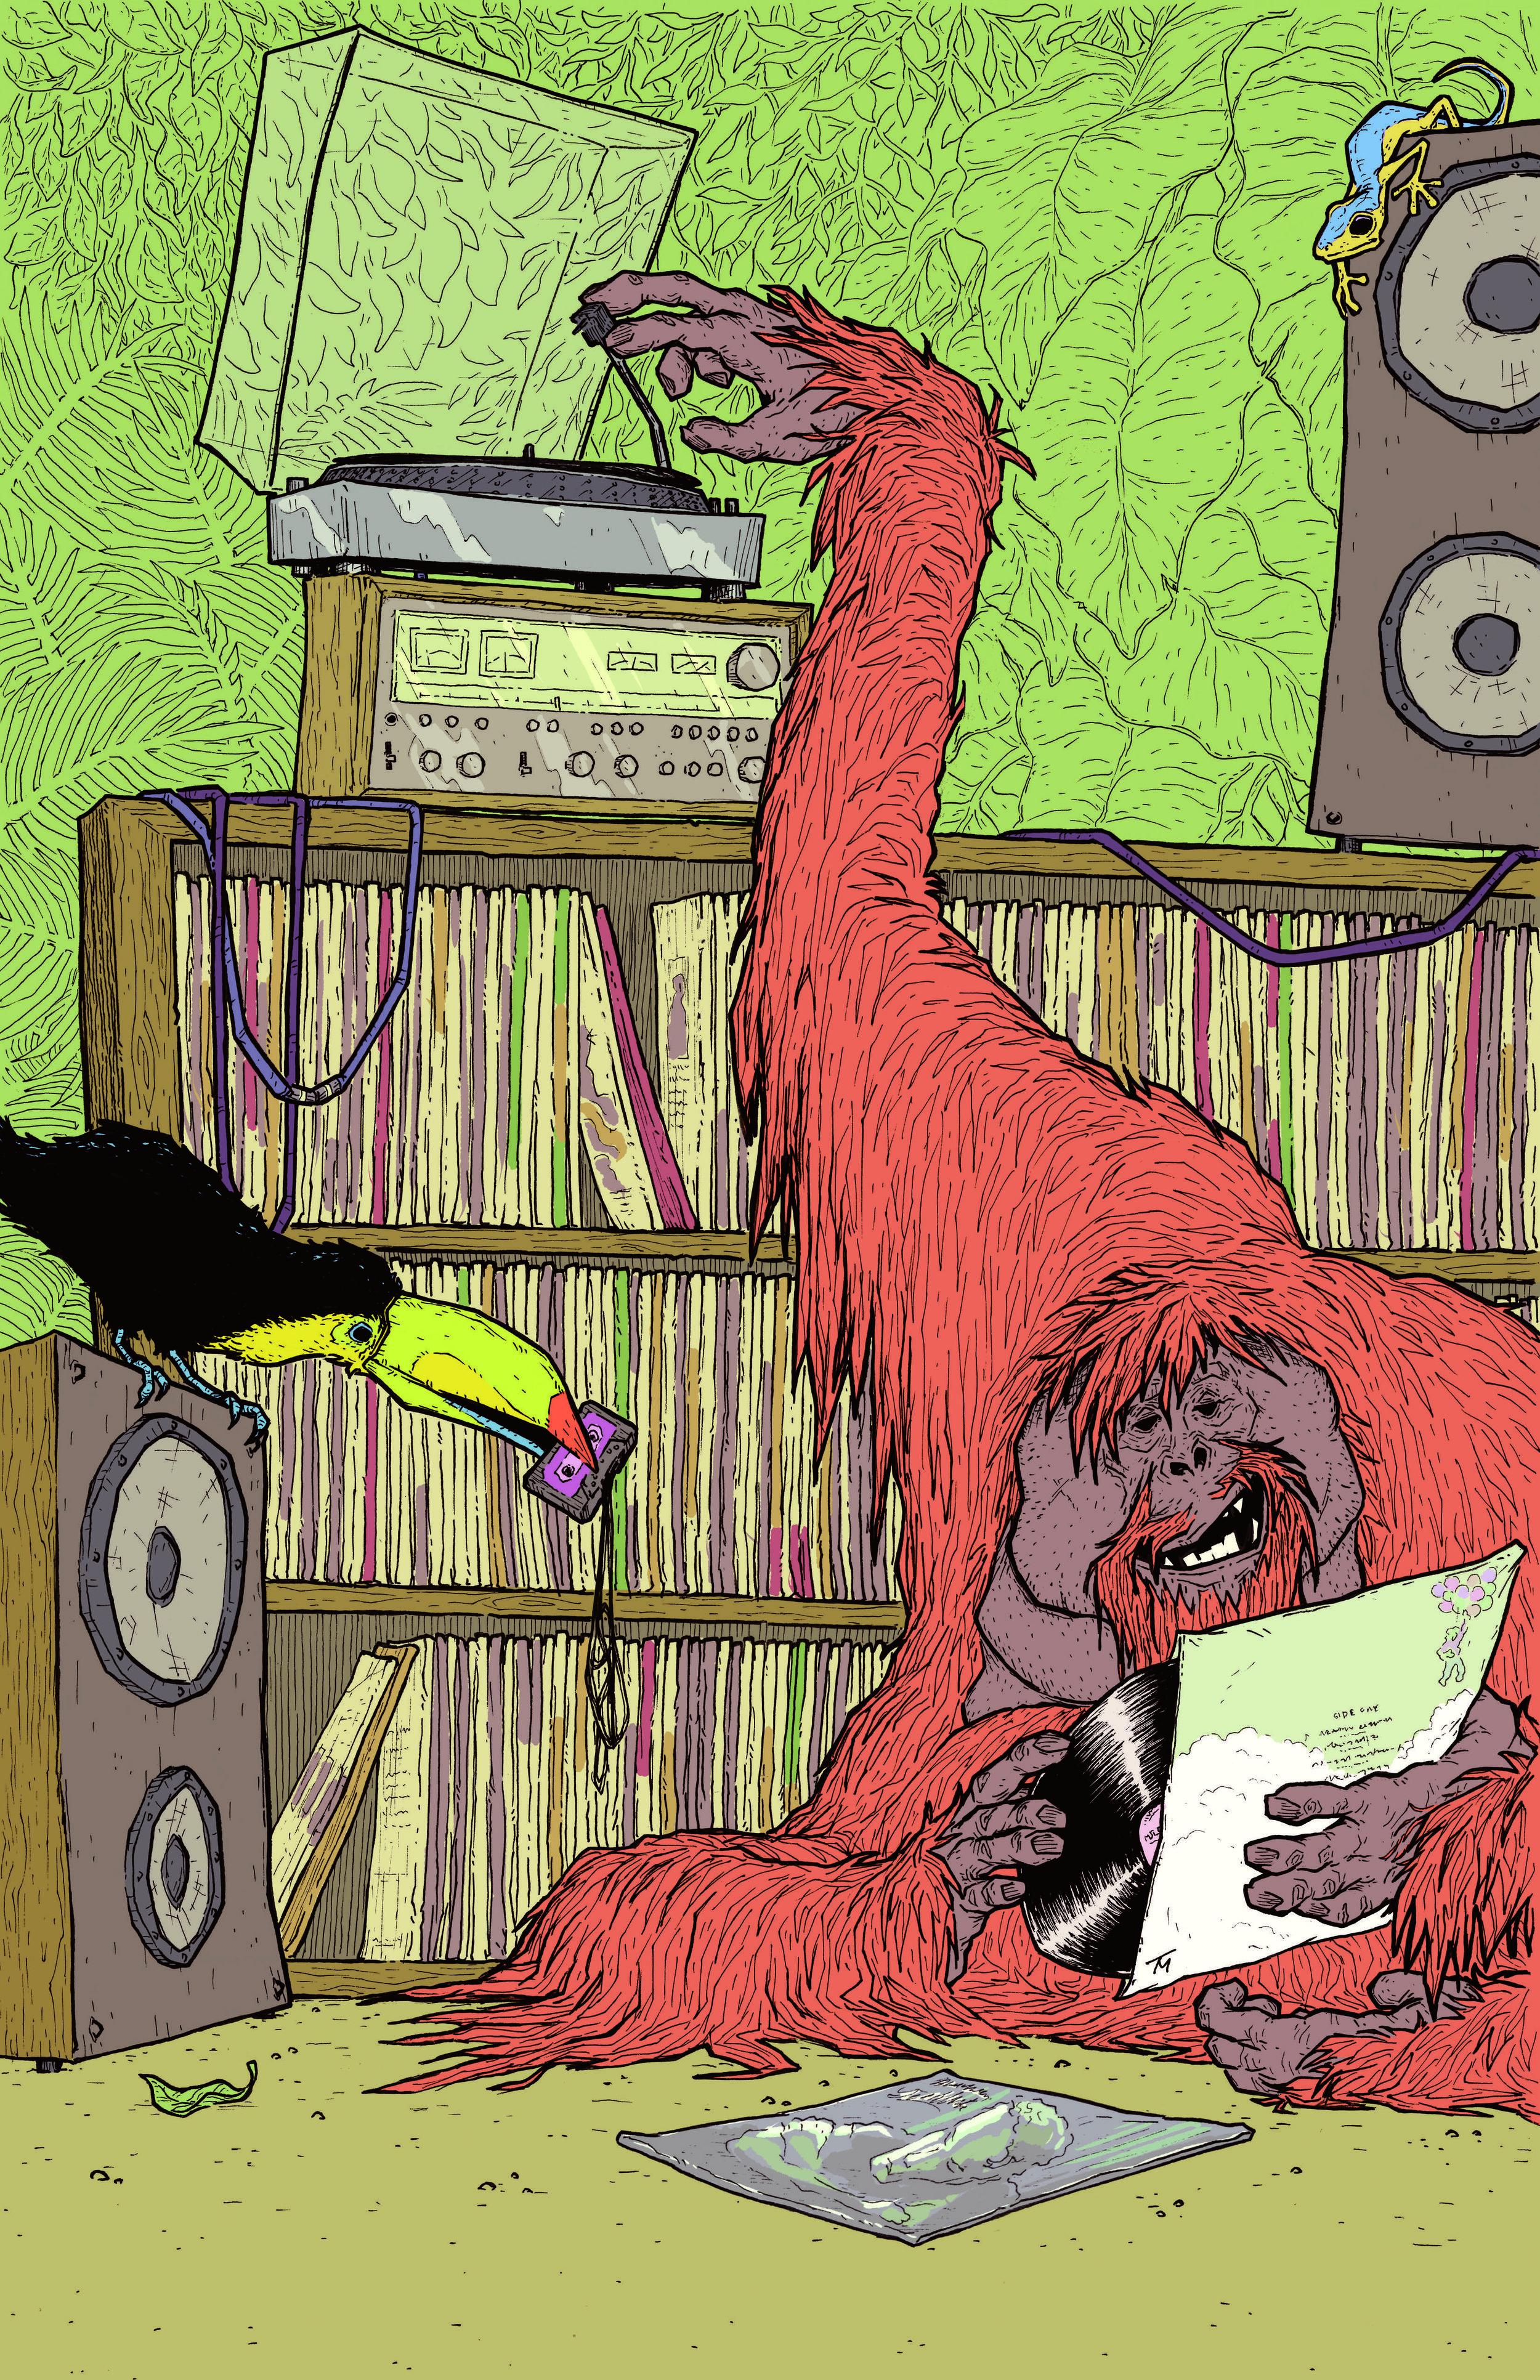 Orangutan_Tim Mayer.jpg